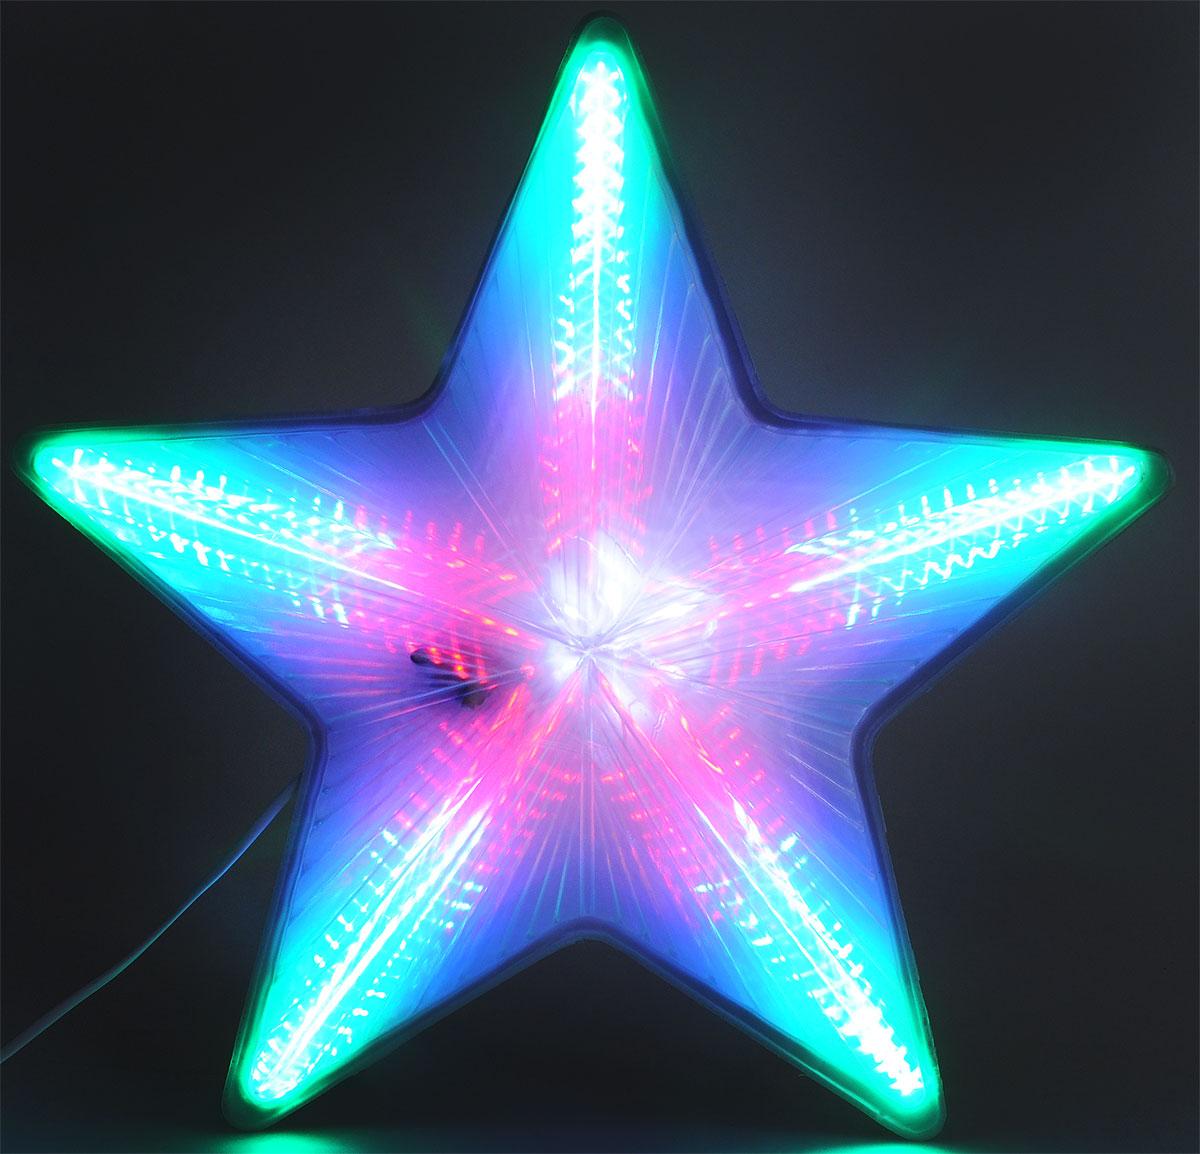 """Фигура светодиодная B&H """"Звезда"""" с белыми, красными, синими и зелеными светодиодами  используется внутри помещений. Внутри пластикового корпуса звезды установлена плата, на  которой смонтированы светодиоды, запрограммированые на создание большого количества  разнообразных эффектов.  Длина сетевого шнура: 5 м.  Диаметр: 49 см."""